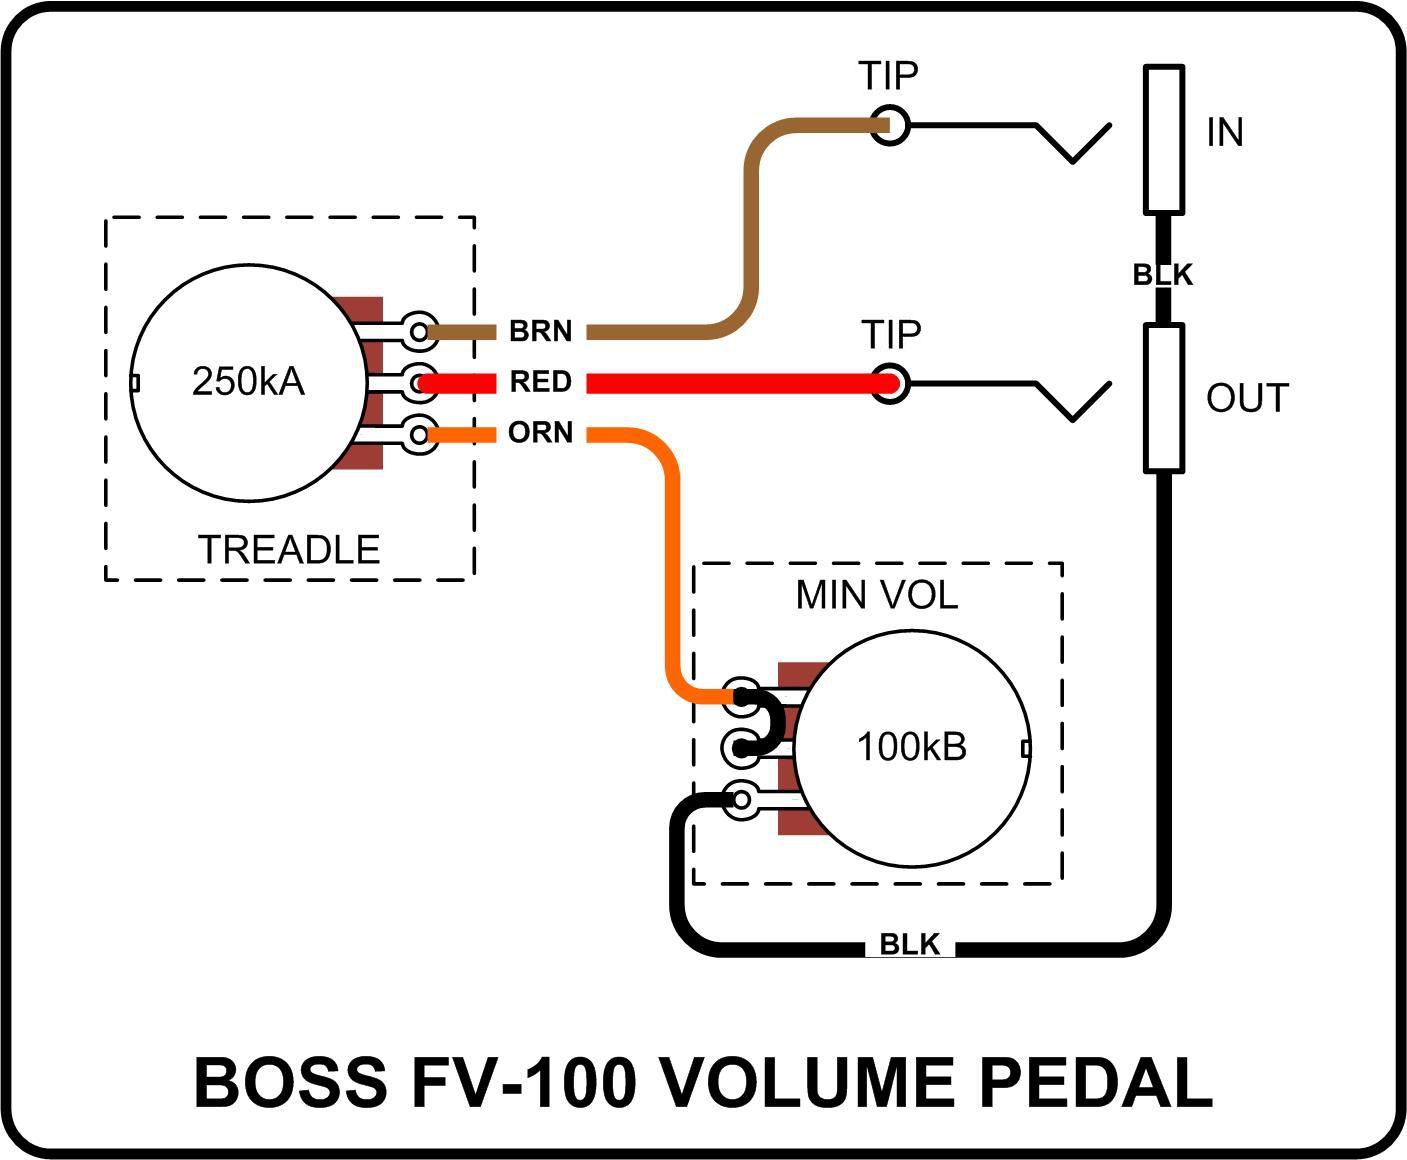 4le1 Isuzu Engine Wiring Diagram Quick Start Guide Of Fe Diagrams Rh 50 Bildhauer Schaeffler De Deisel Parts